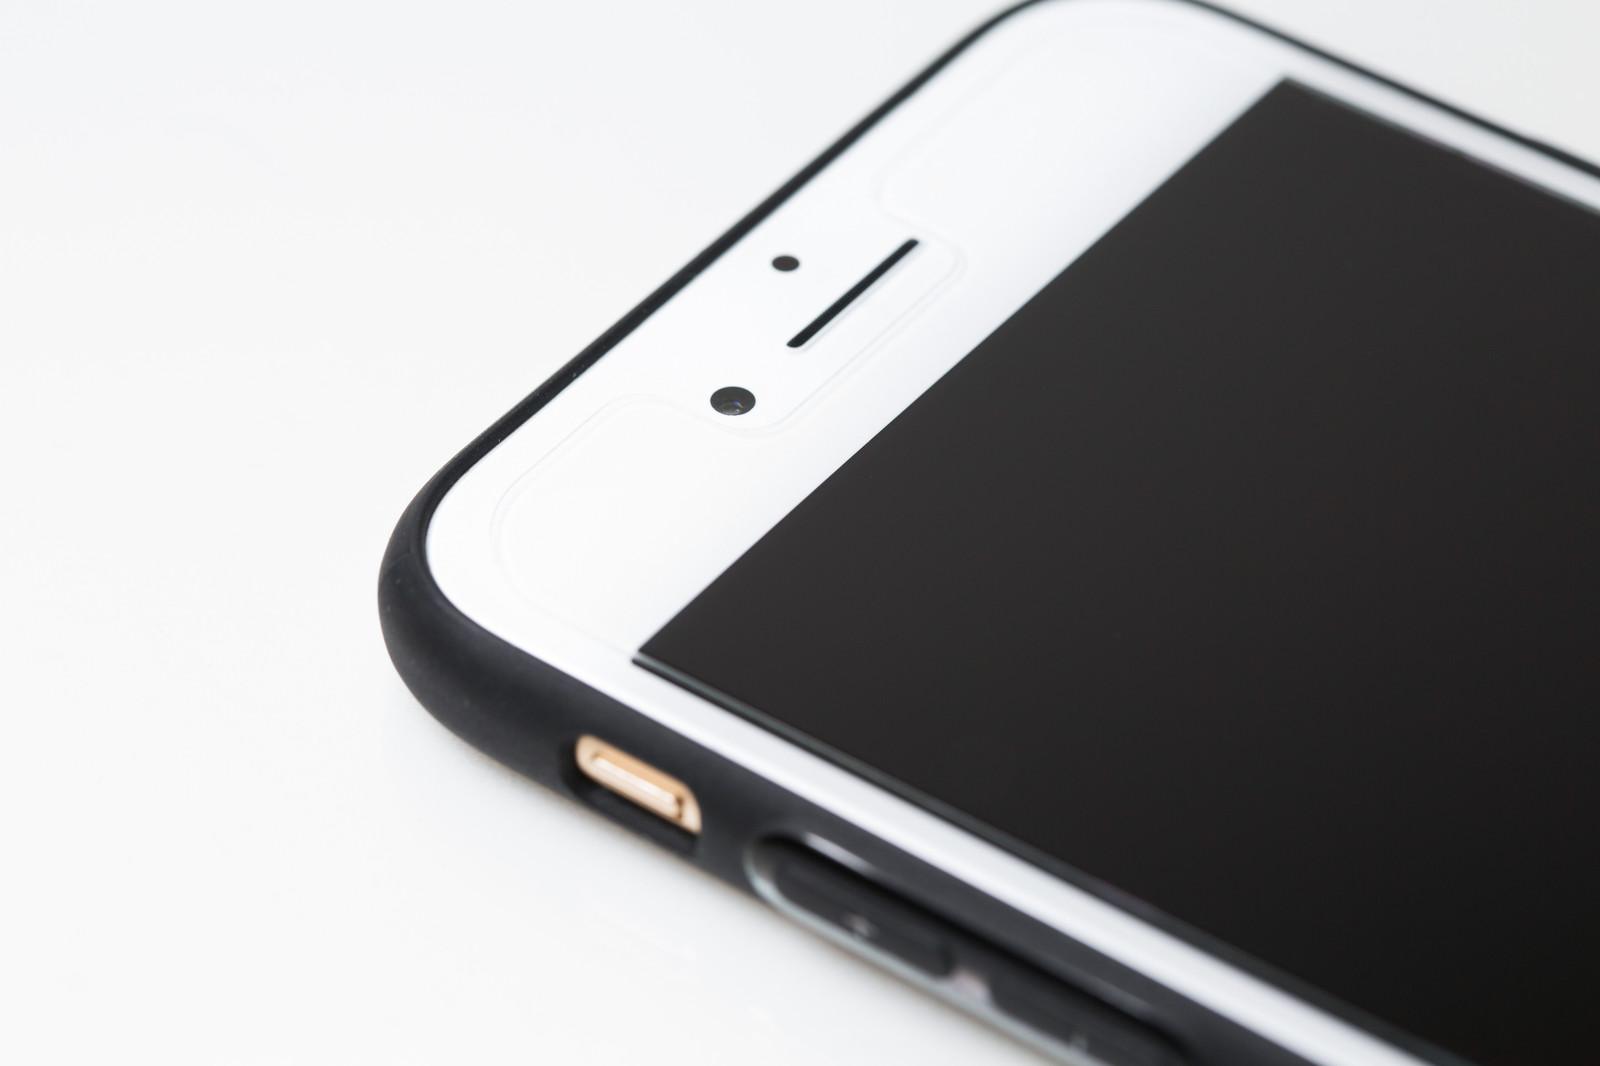 iPhoneにボタンを追加!戻るボタンが使える保護フィルム